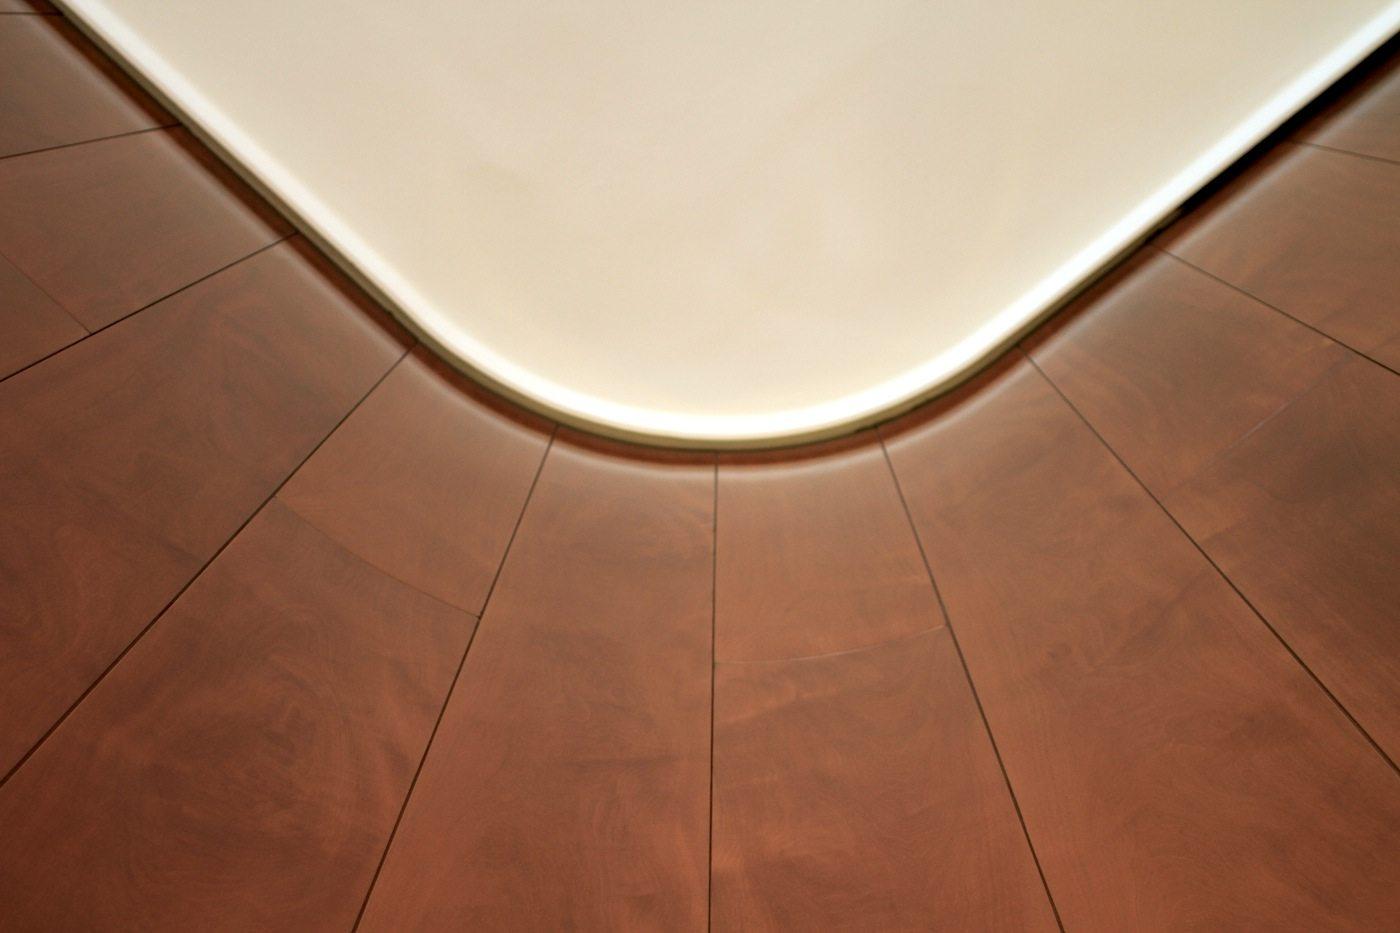 Wärme und Harmonie.  Die Verkleidung mit norwegischem Marmor wirkt außen sachlich, in der Innengestaltung jedoch wurden Holz und Messing als eine warme, einladende Geste eingesetzt.